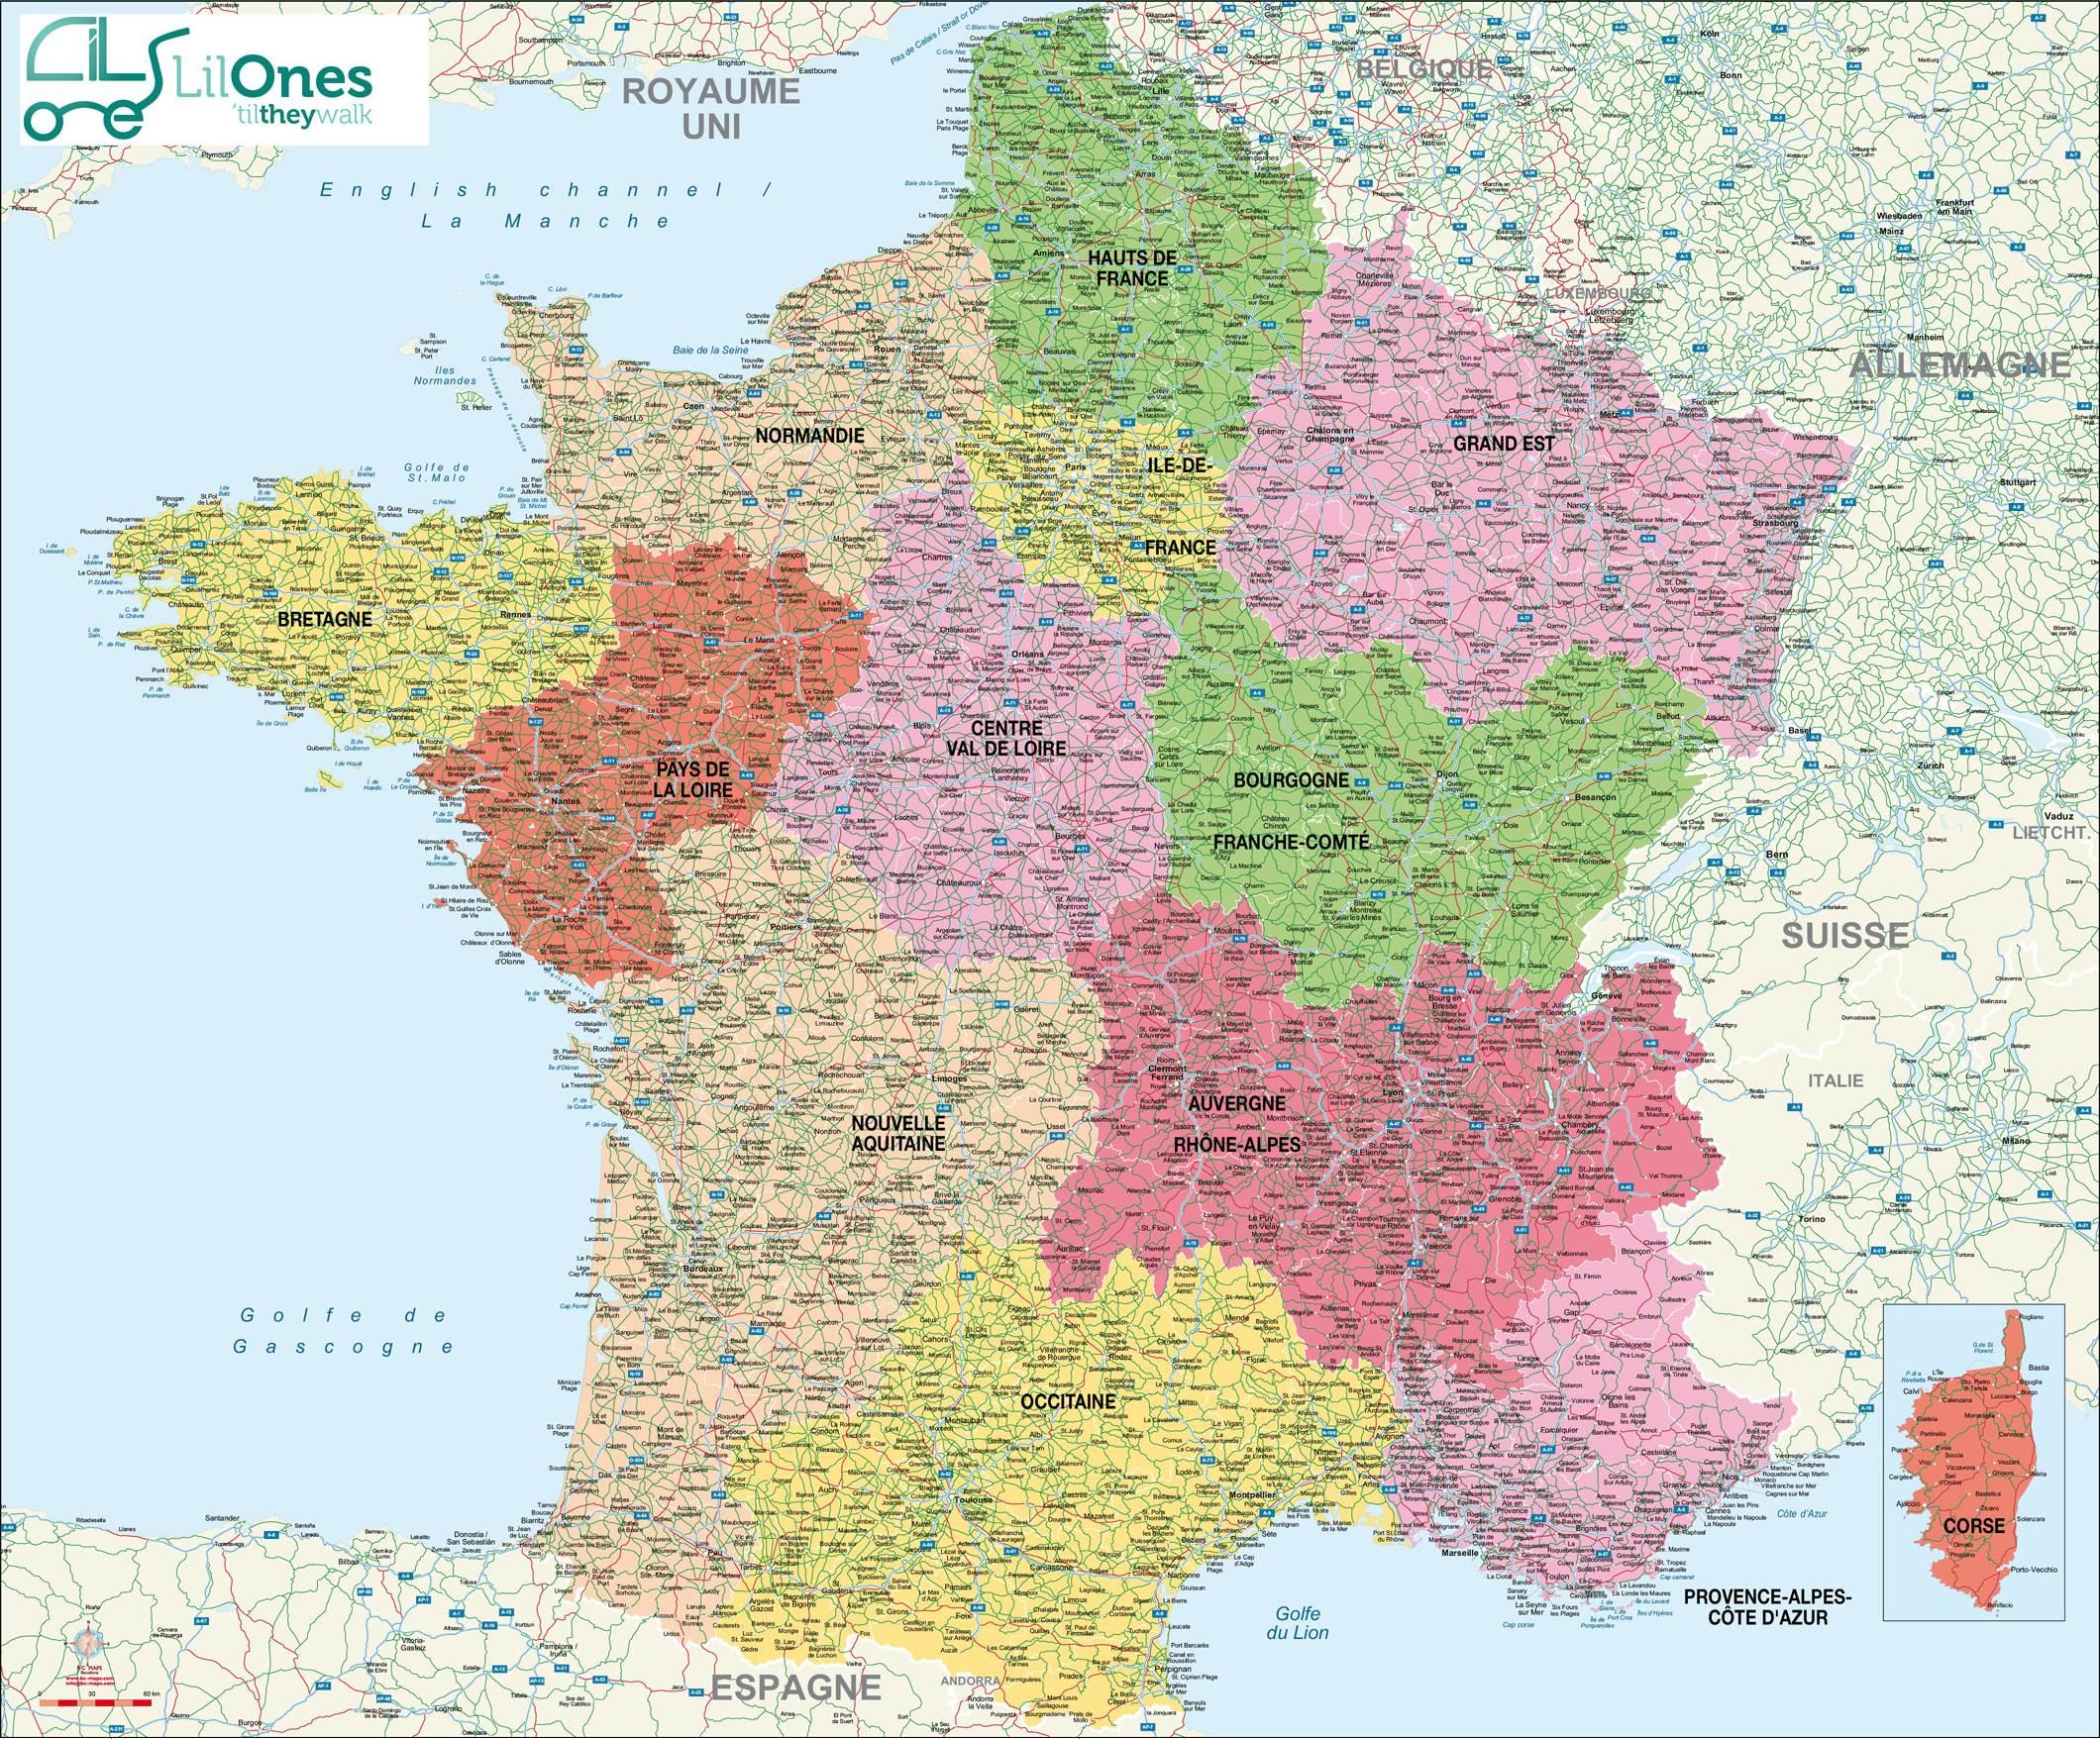 Cartes De France : Cartes Des Régions, Départements Et avec Les Numéros Des Départements